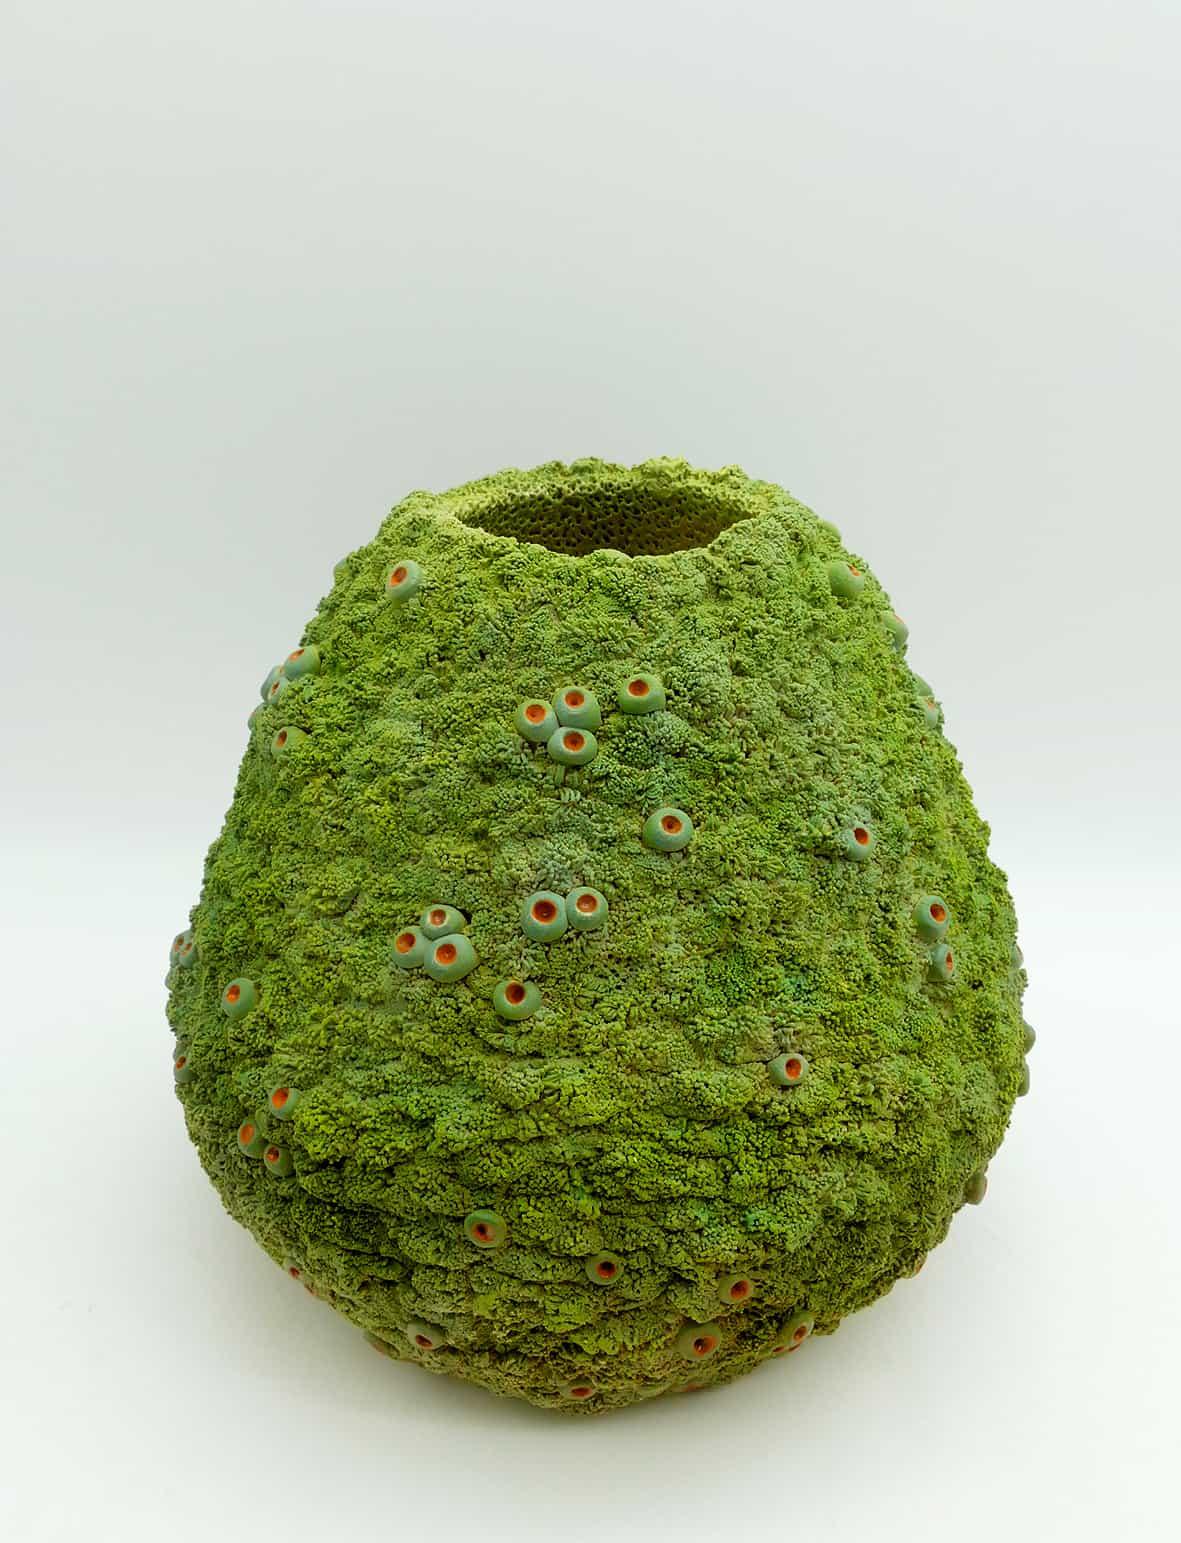 Vase mousse, 2021 Grès, engobe couleurs L 22 x H 20 cm, MP-2110 ©Muriel Persil